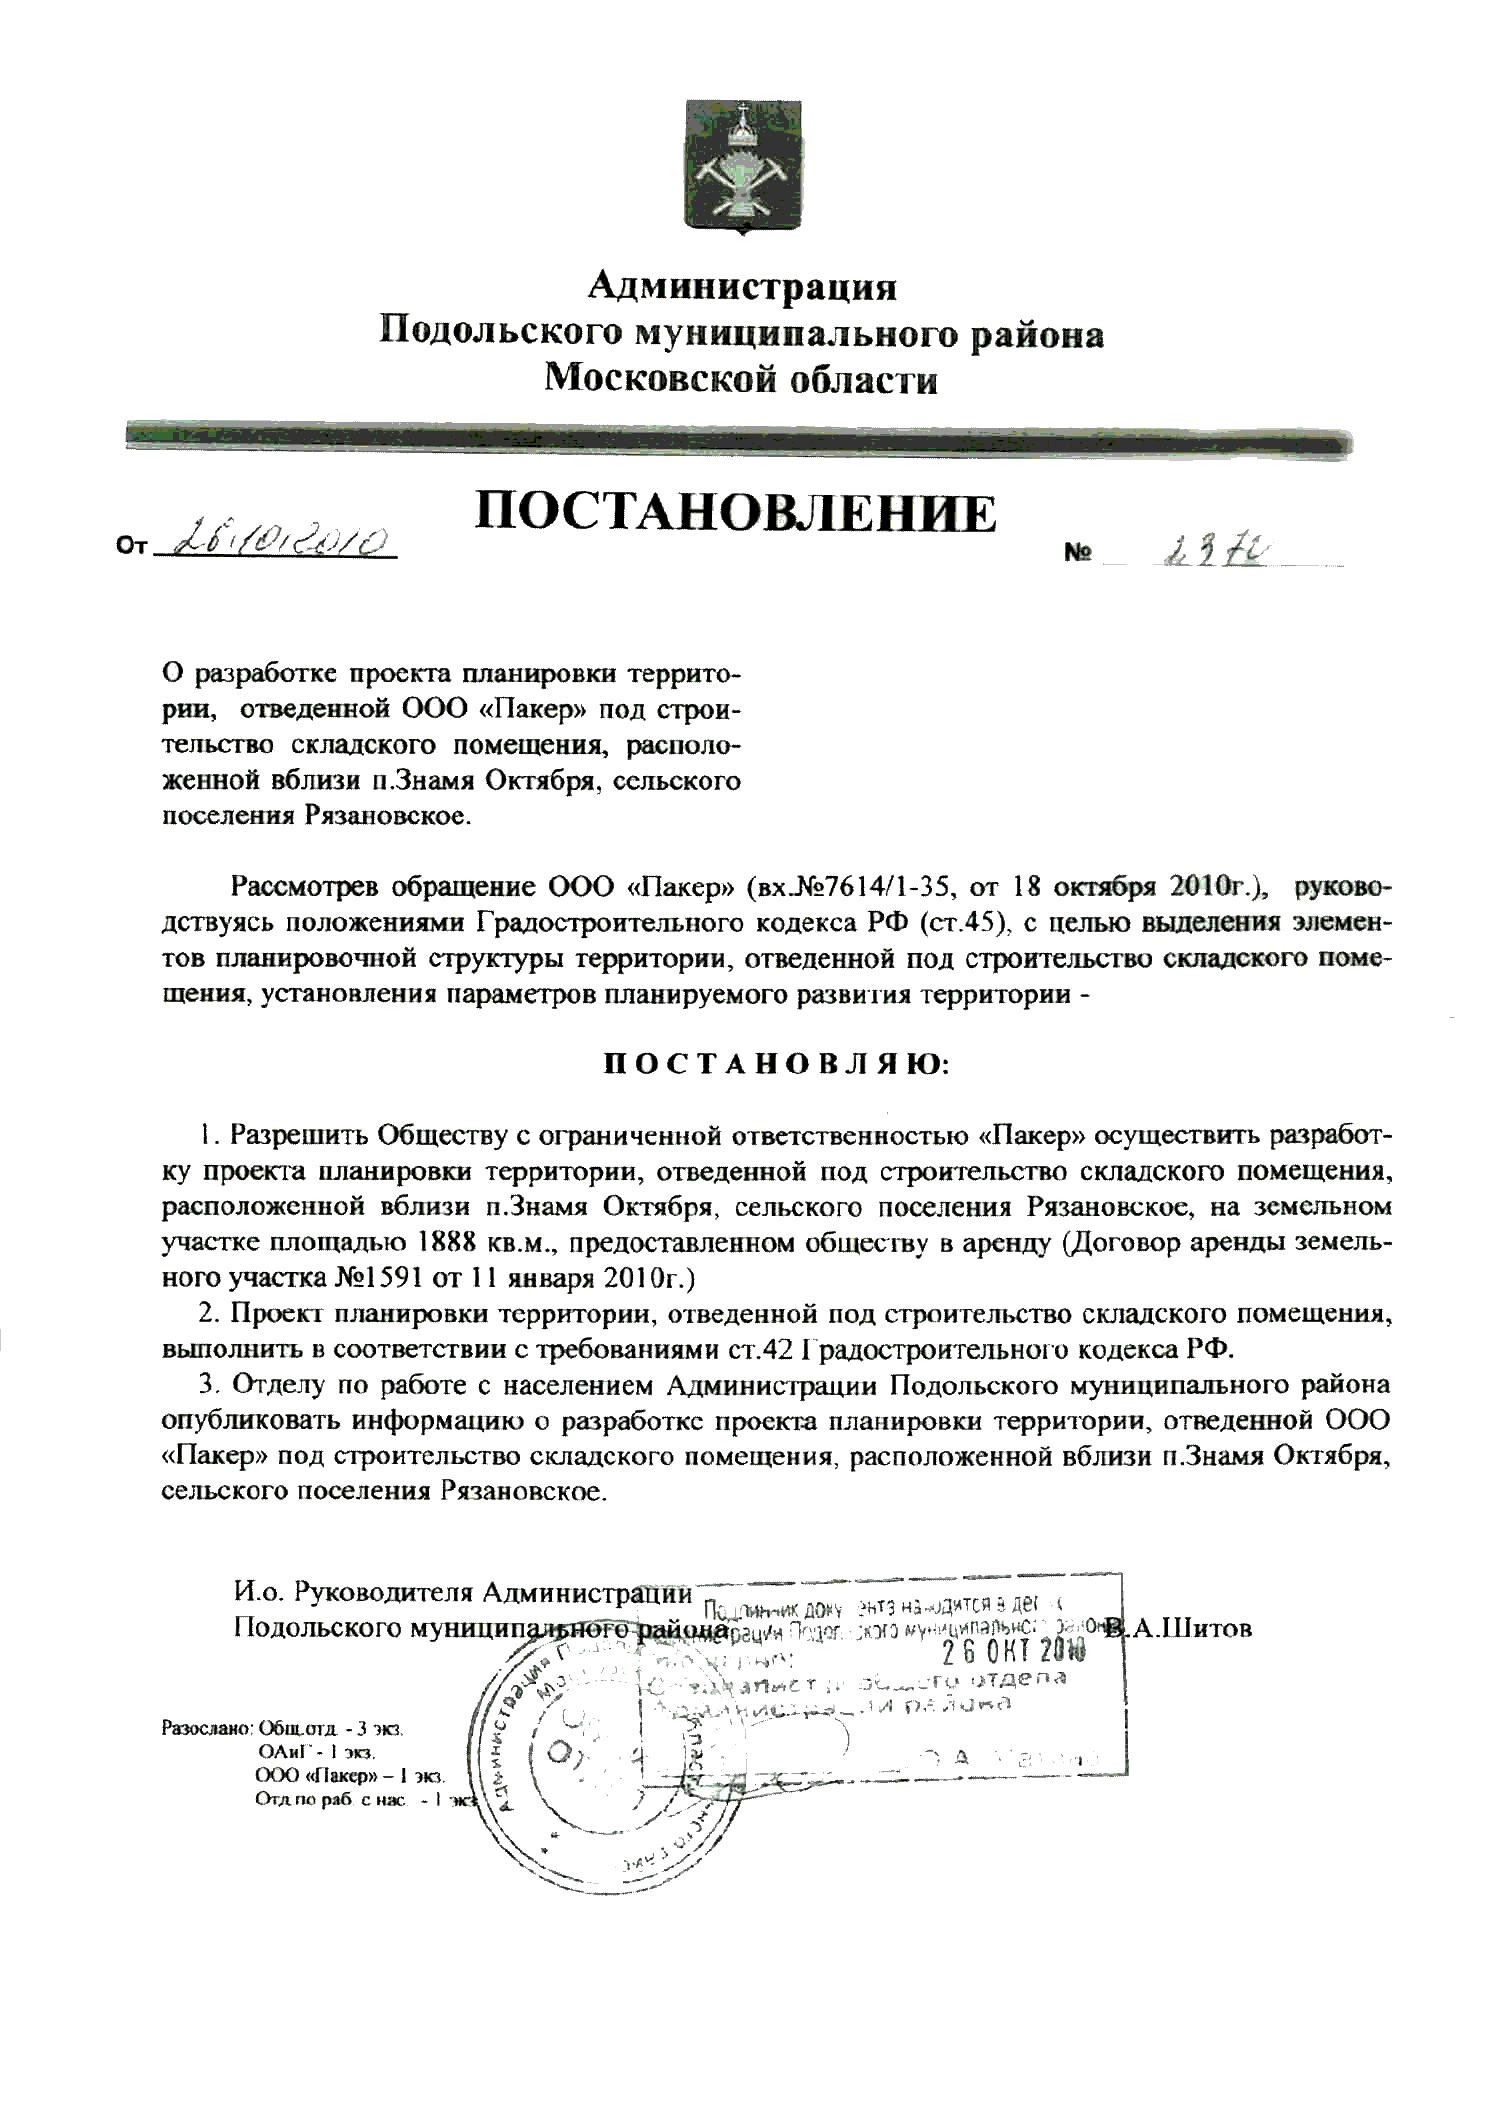 Согласование проекта планировки территории